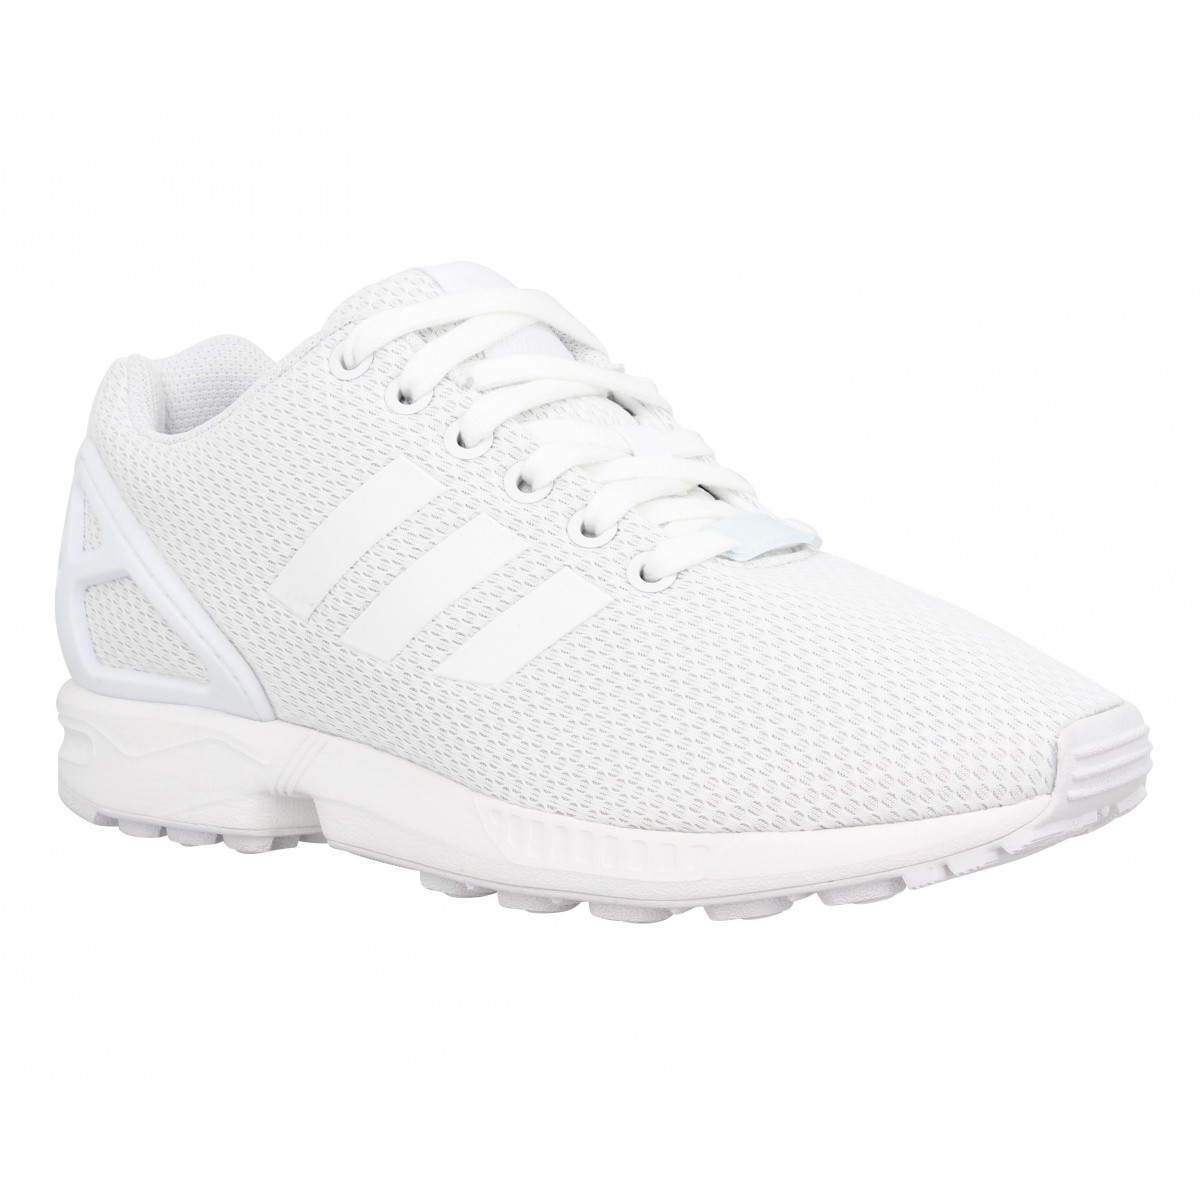 basket adidas zx flux blanche